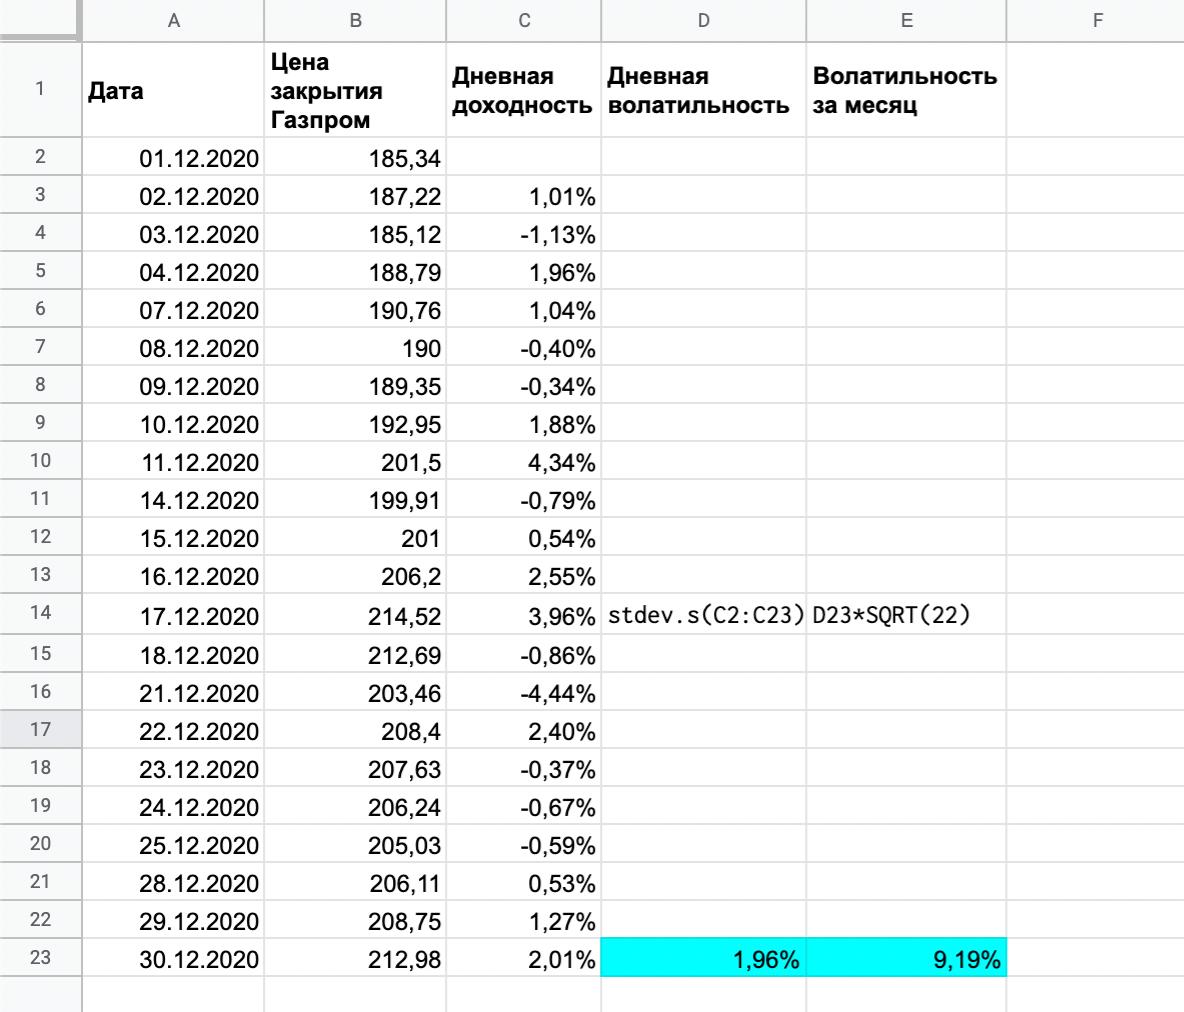 Дневная волатильность акций «Газпрома» за декабрь 2020года составила 1,96%. Если пересчитать эту волатильность на месячную, то получится 9,19%. Это историческая, то есть уже реализованная волатильность